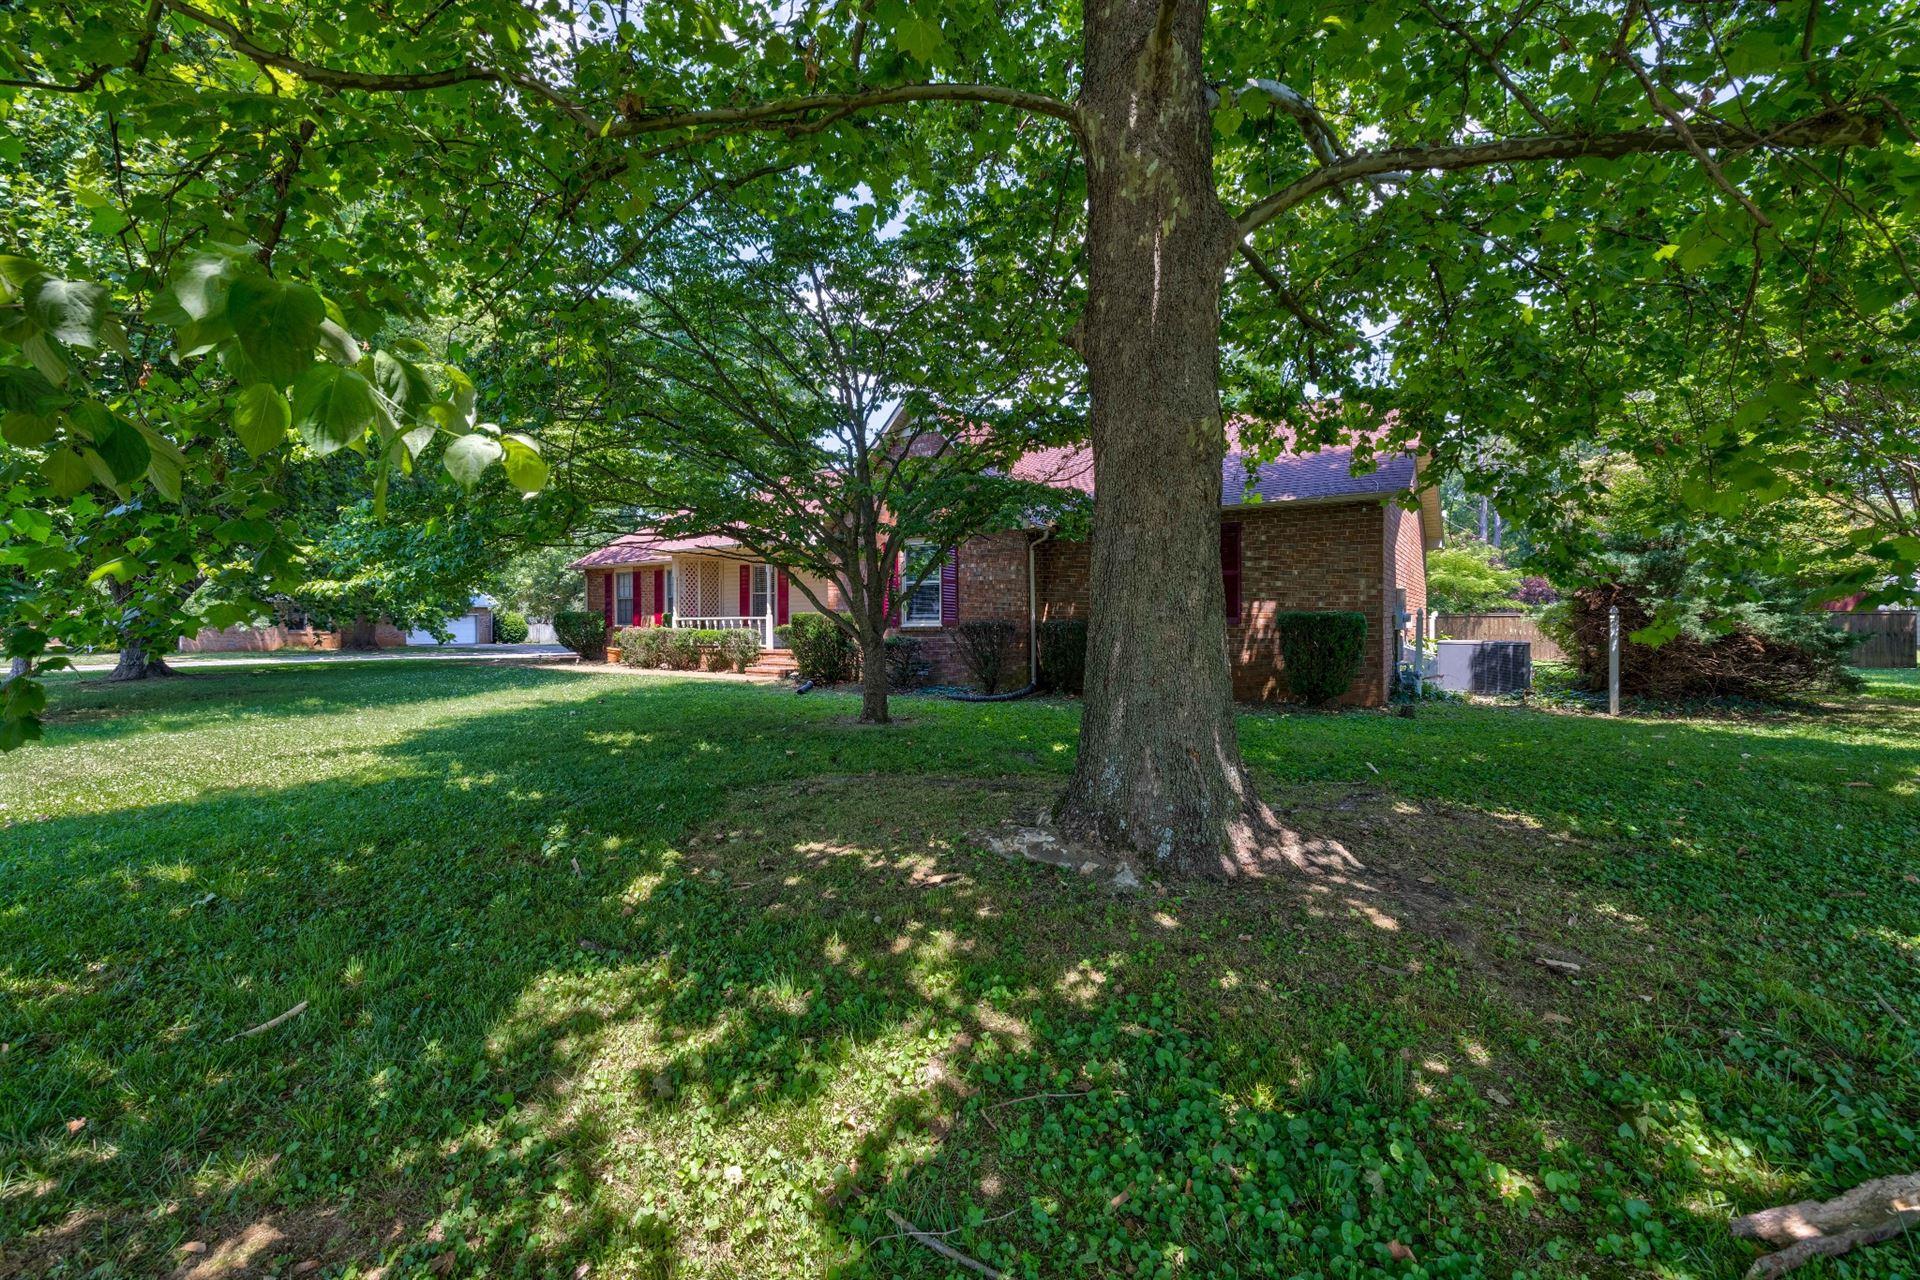 Photo of 1115 Cason Ln, Murfreesboro, TN 37128 (MLS # 2264436)